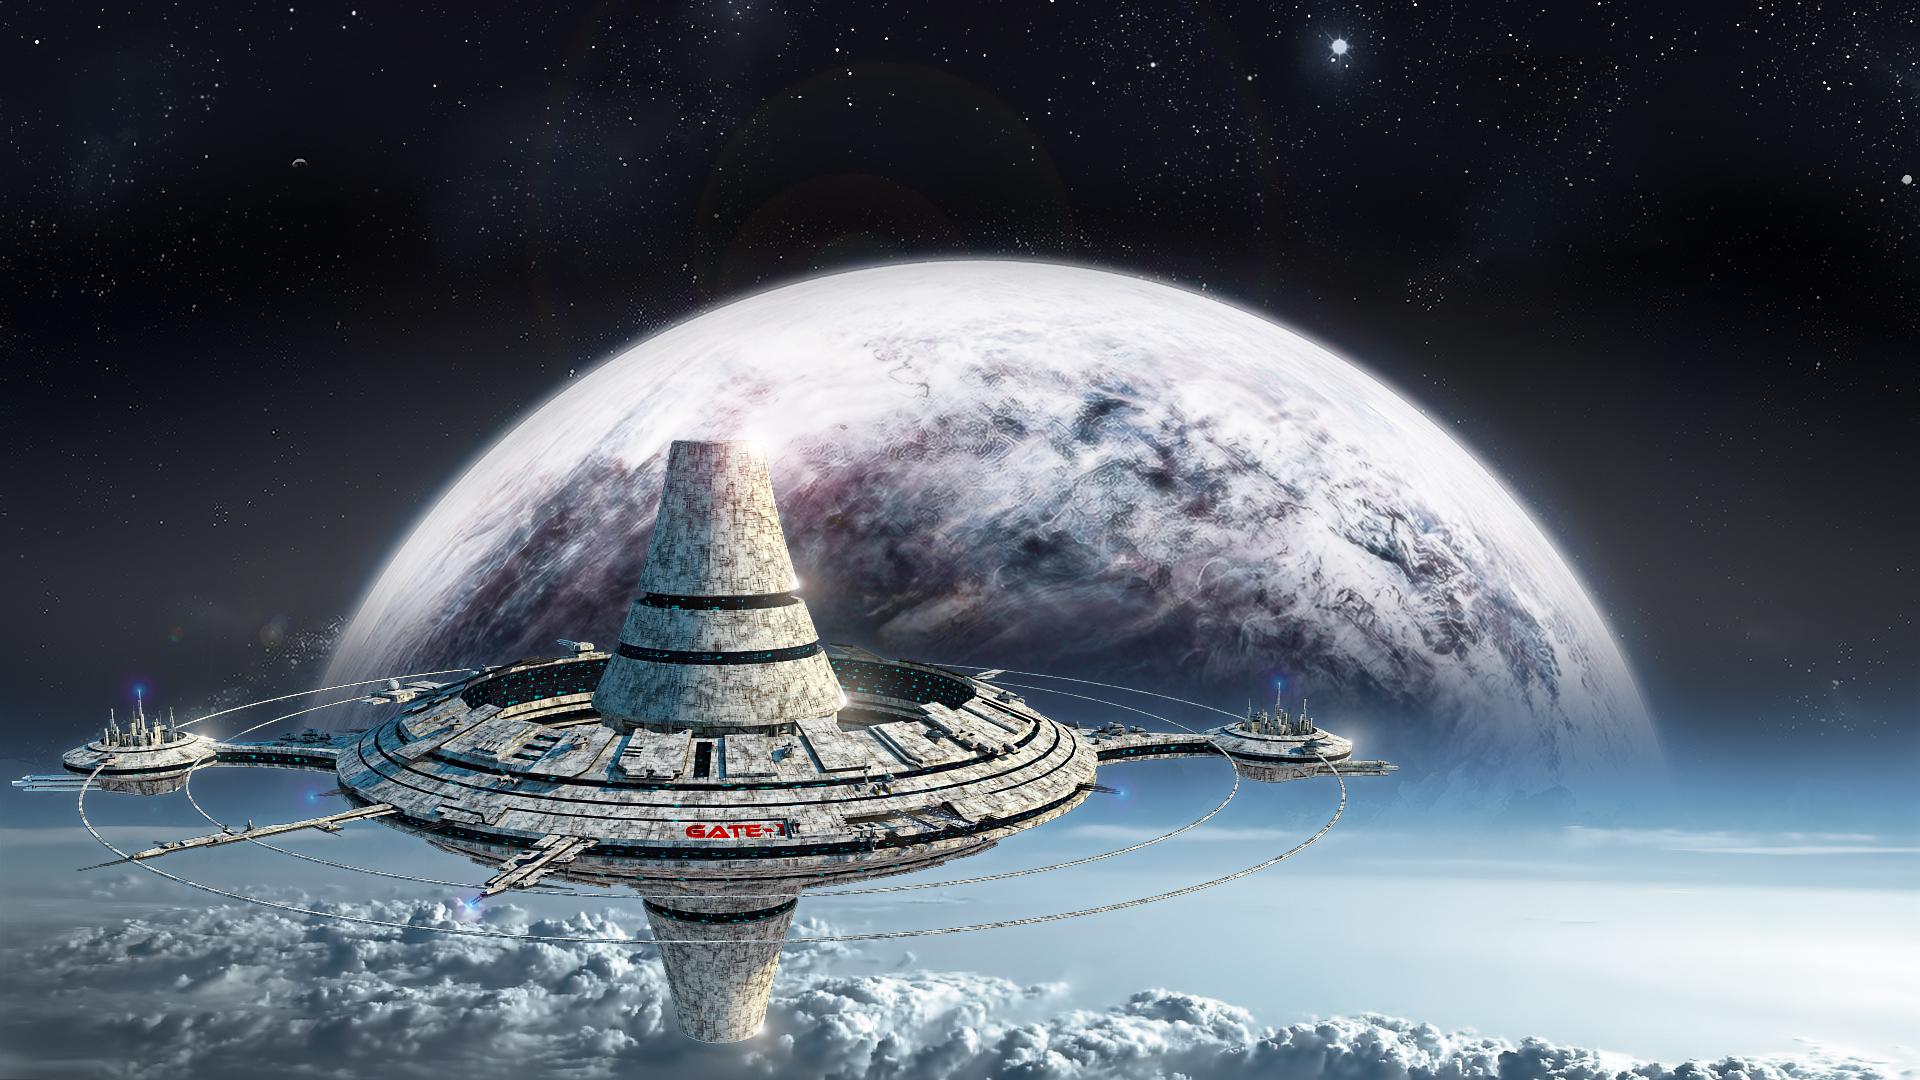 Space Station by freiheitskampfer on DeviantArt